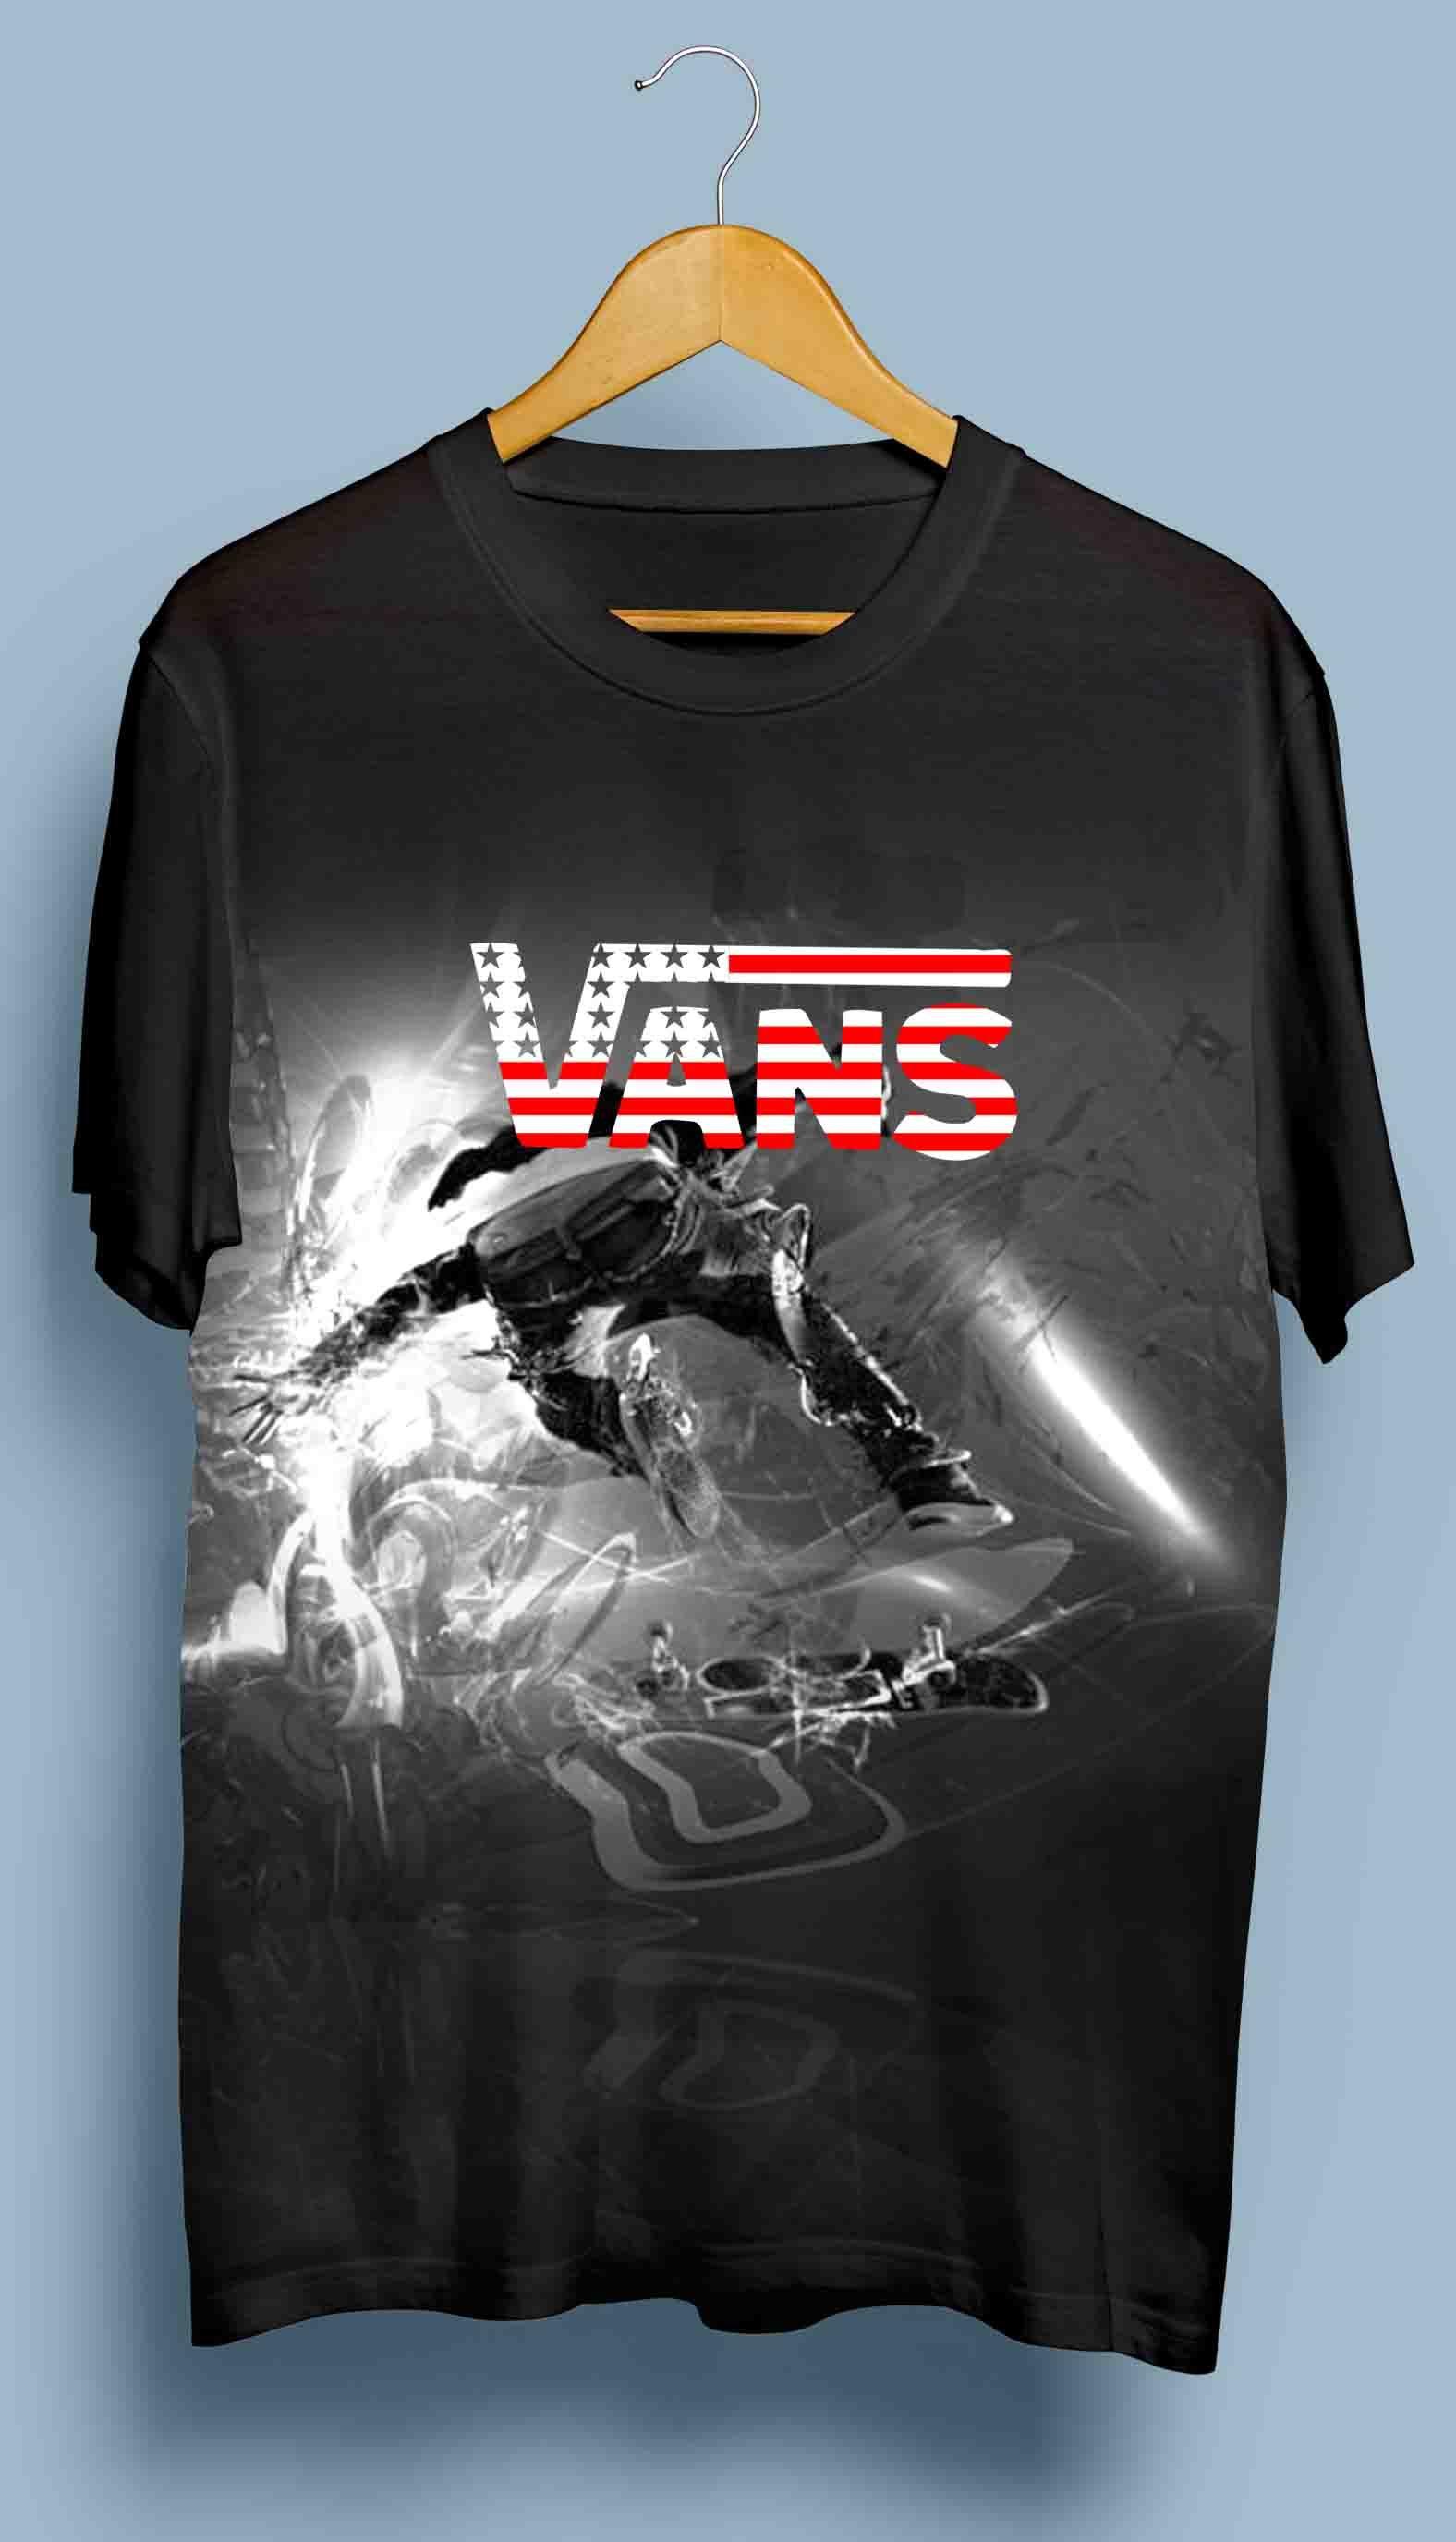 7f82f51157 Tees Vans  surf  tees  dc  t-shirtdesign  dcshoecousa  t-shirtdc  billabong   vans  volcom  quiksilver  ripcurl  teesorogonalsurf  hurley  insight ...